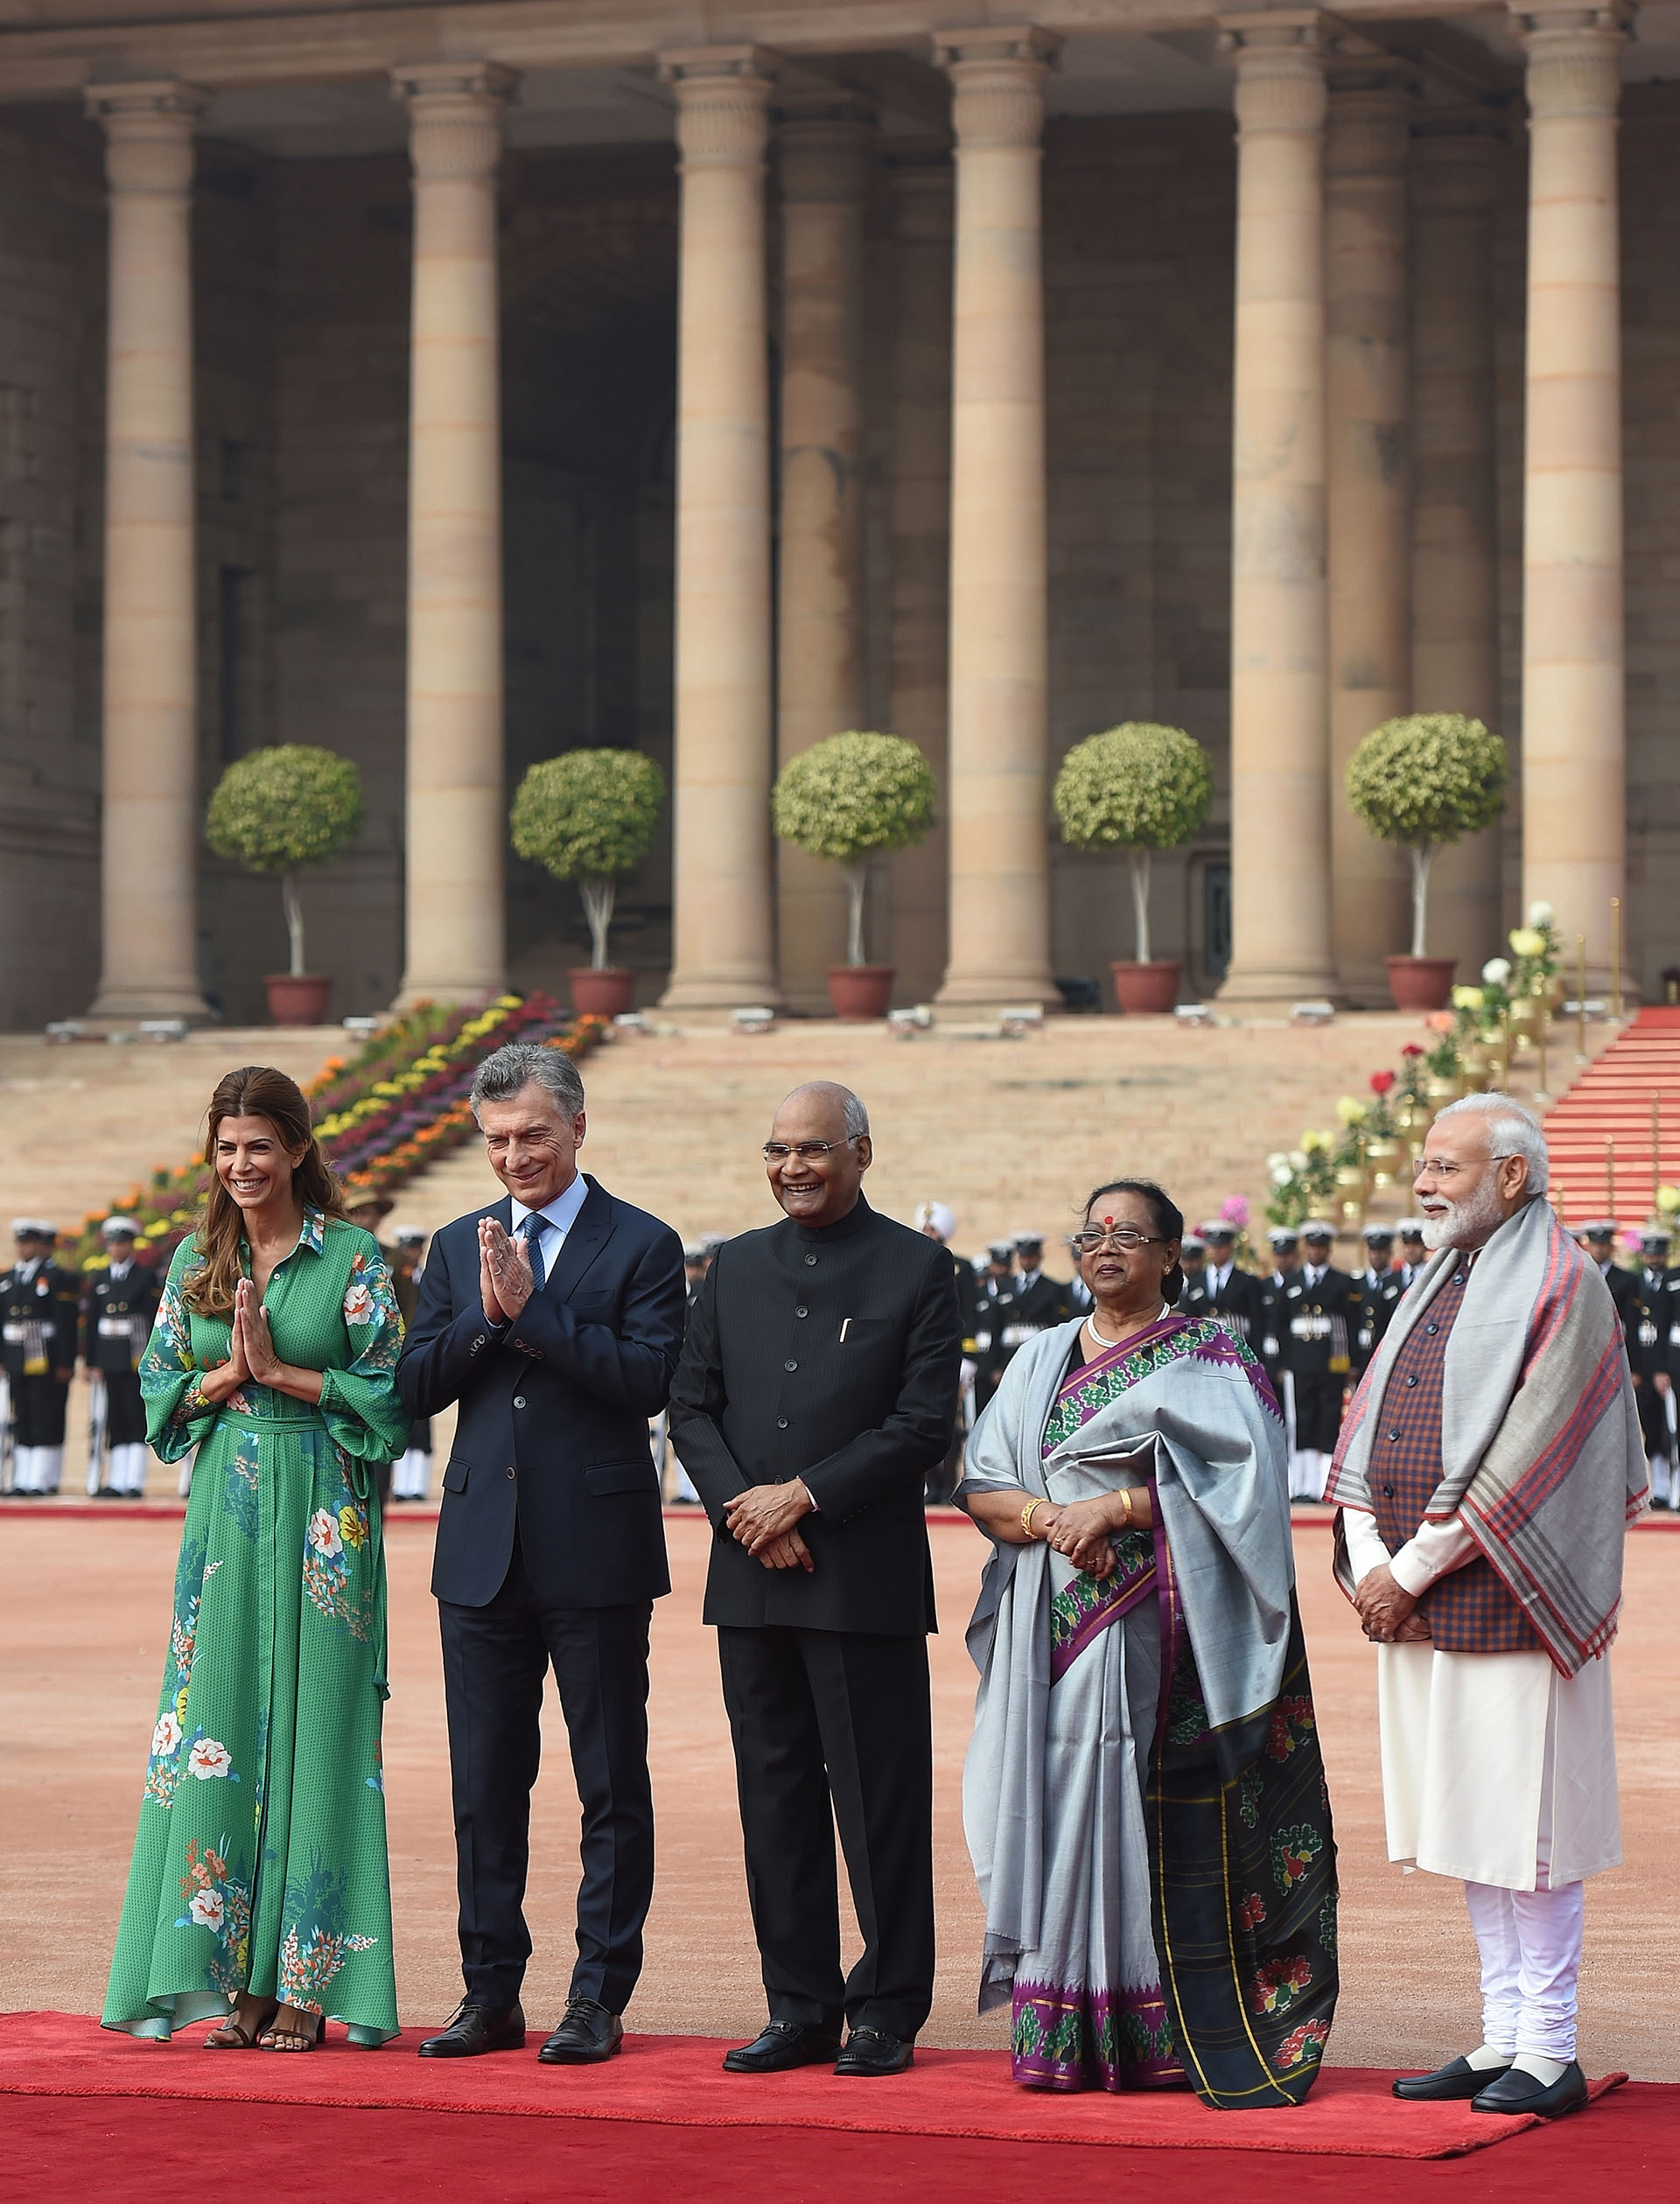 Saludo protocolar en el palacio presidencial de Nueva Delhi